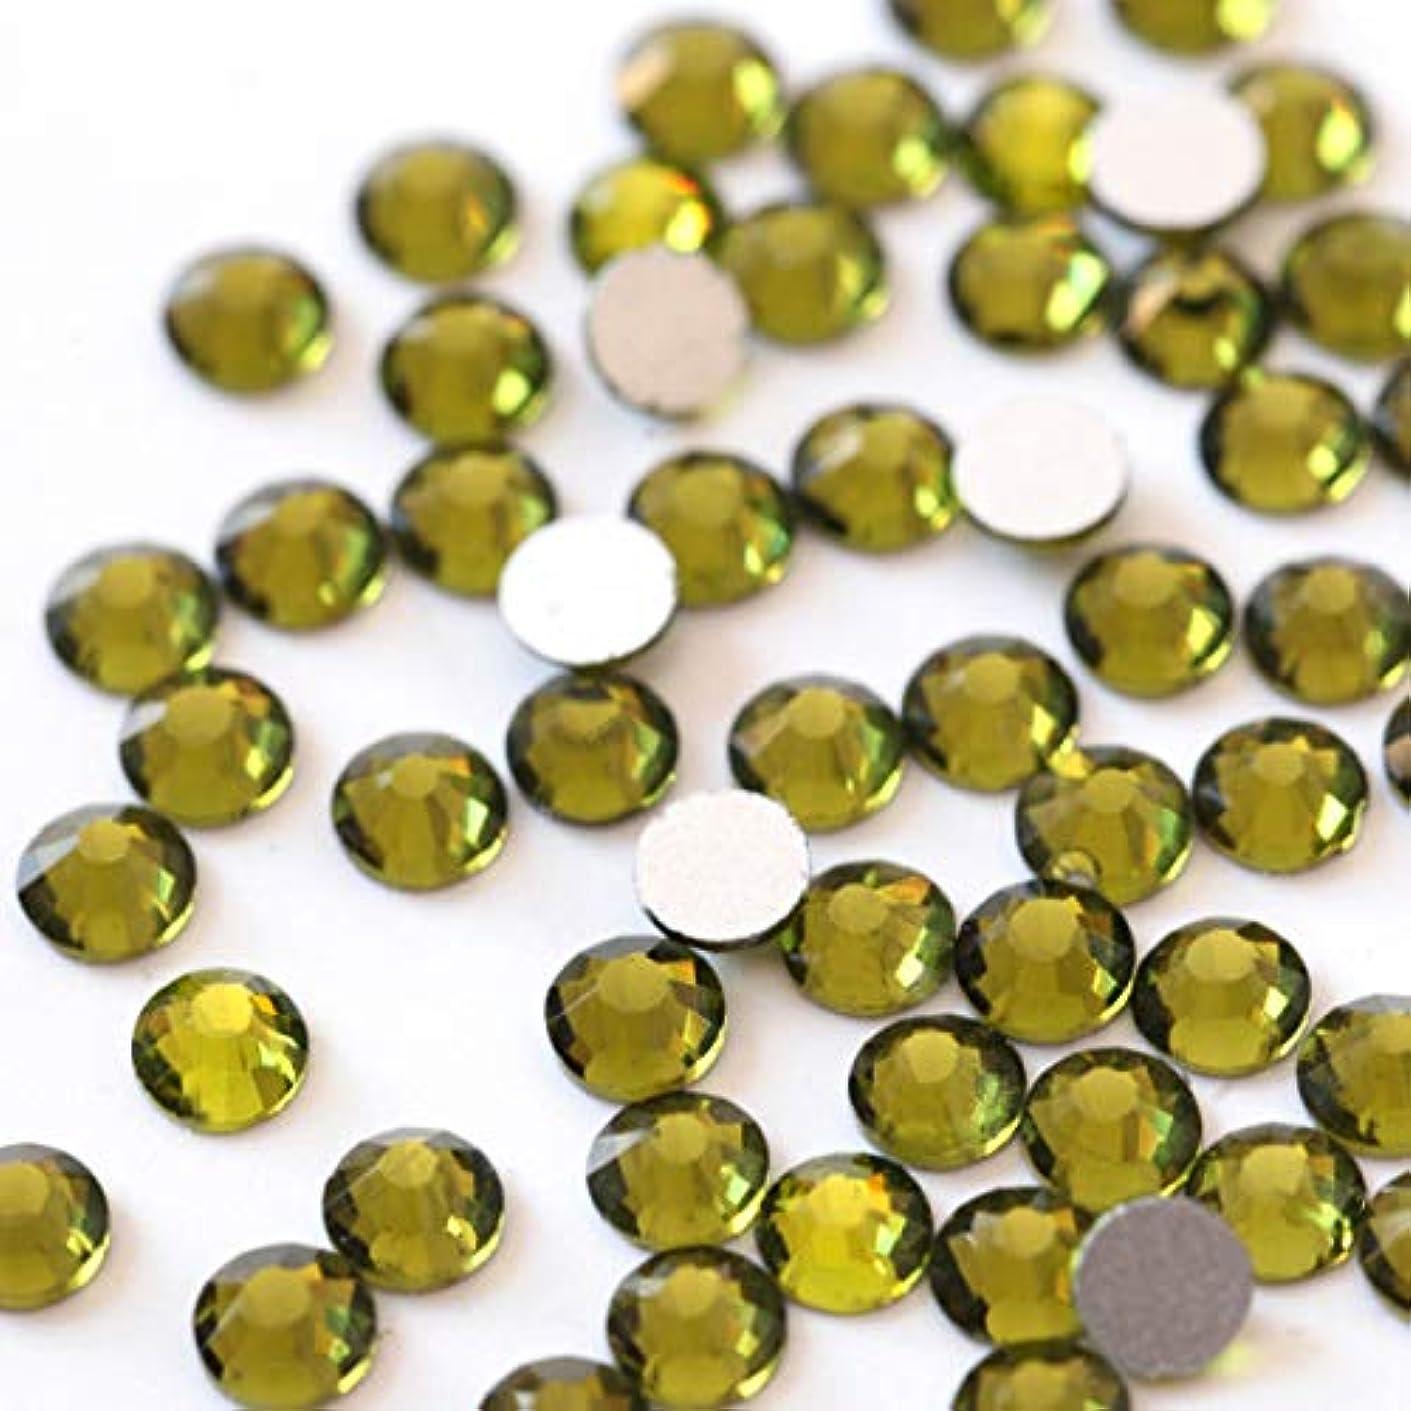 誘惑どちらかクラックポット【ラインストーン77】高品質ガラス製ラインストーン オリーブ(1.7mm (SS5) 約200粒)